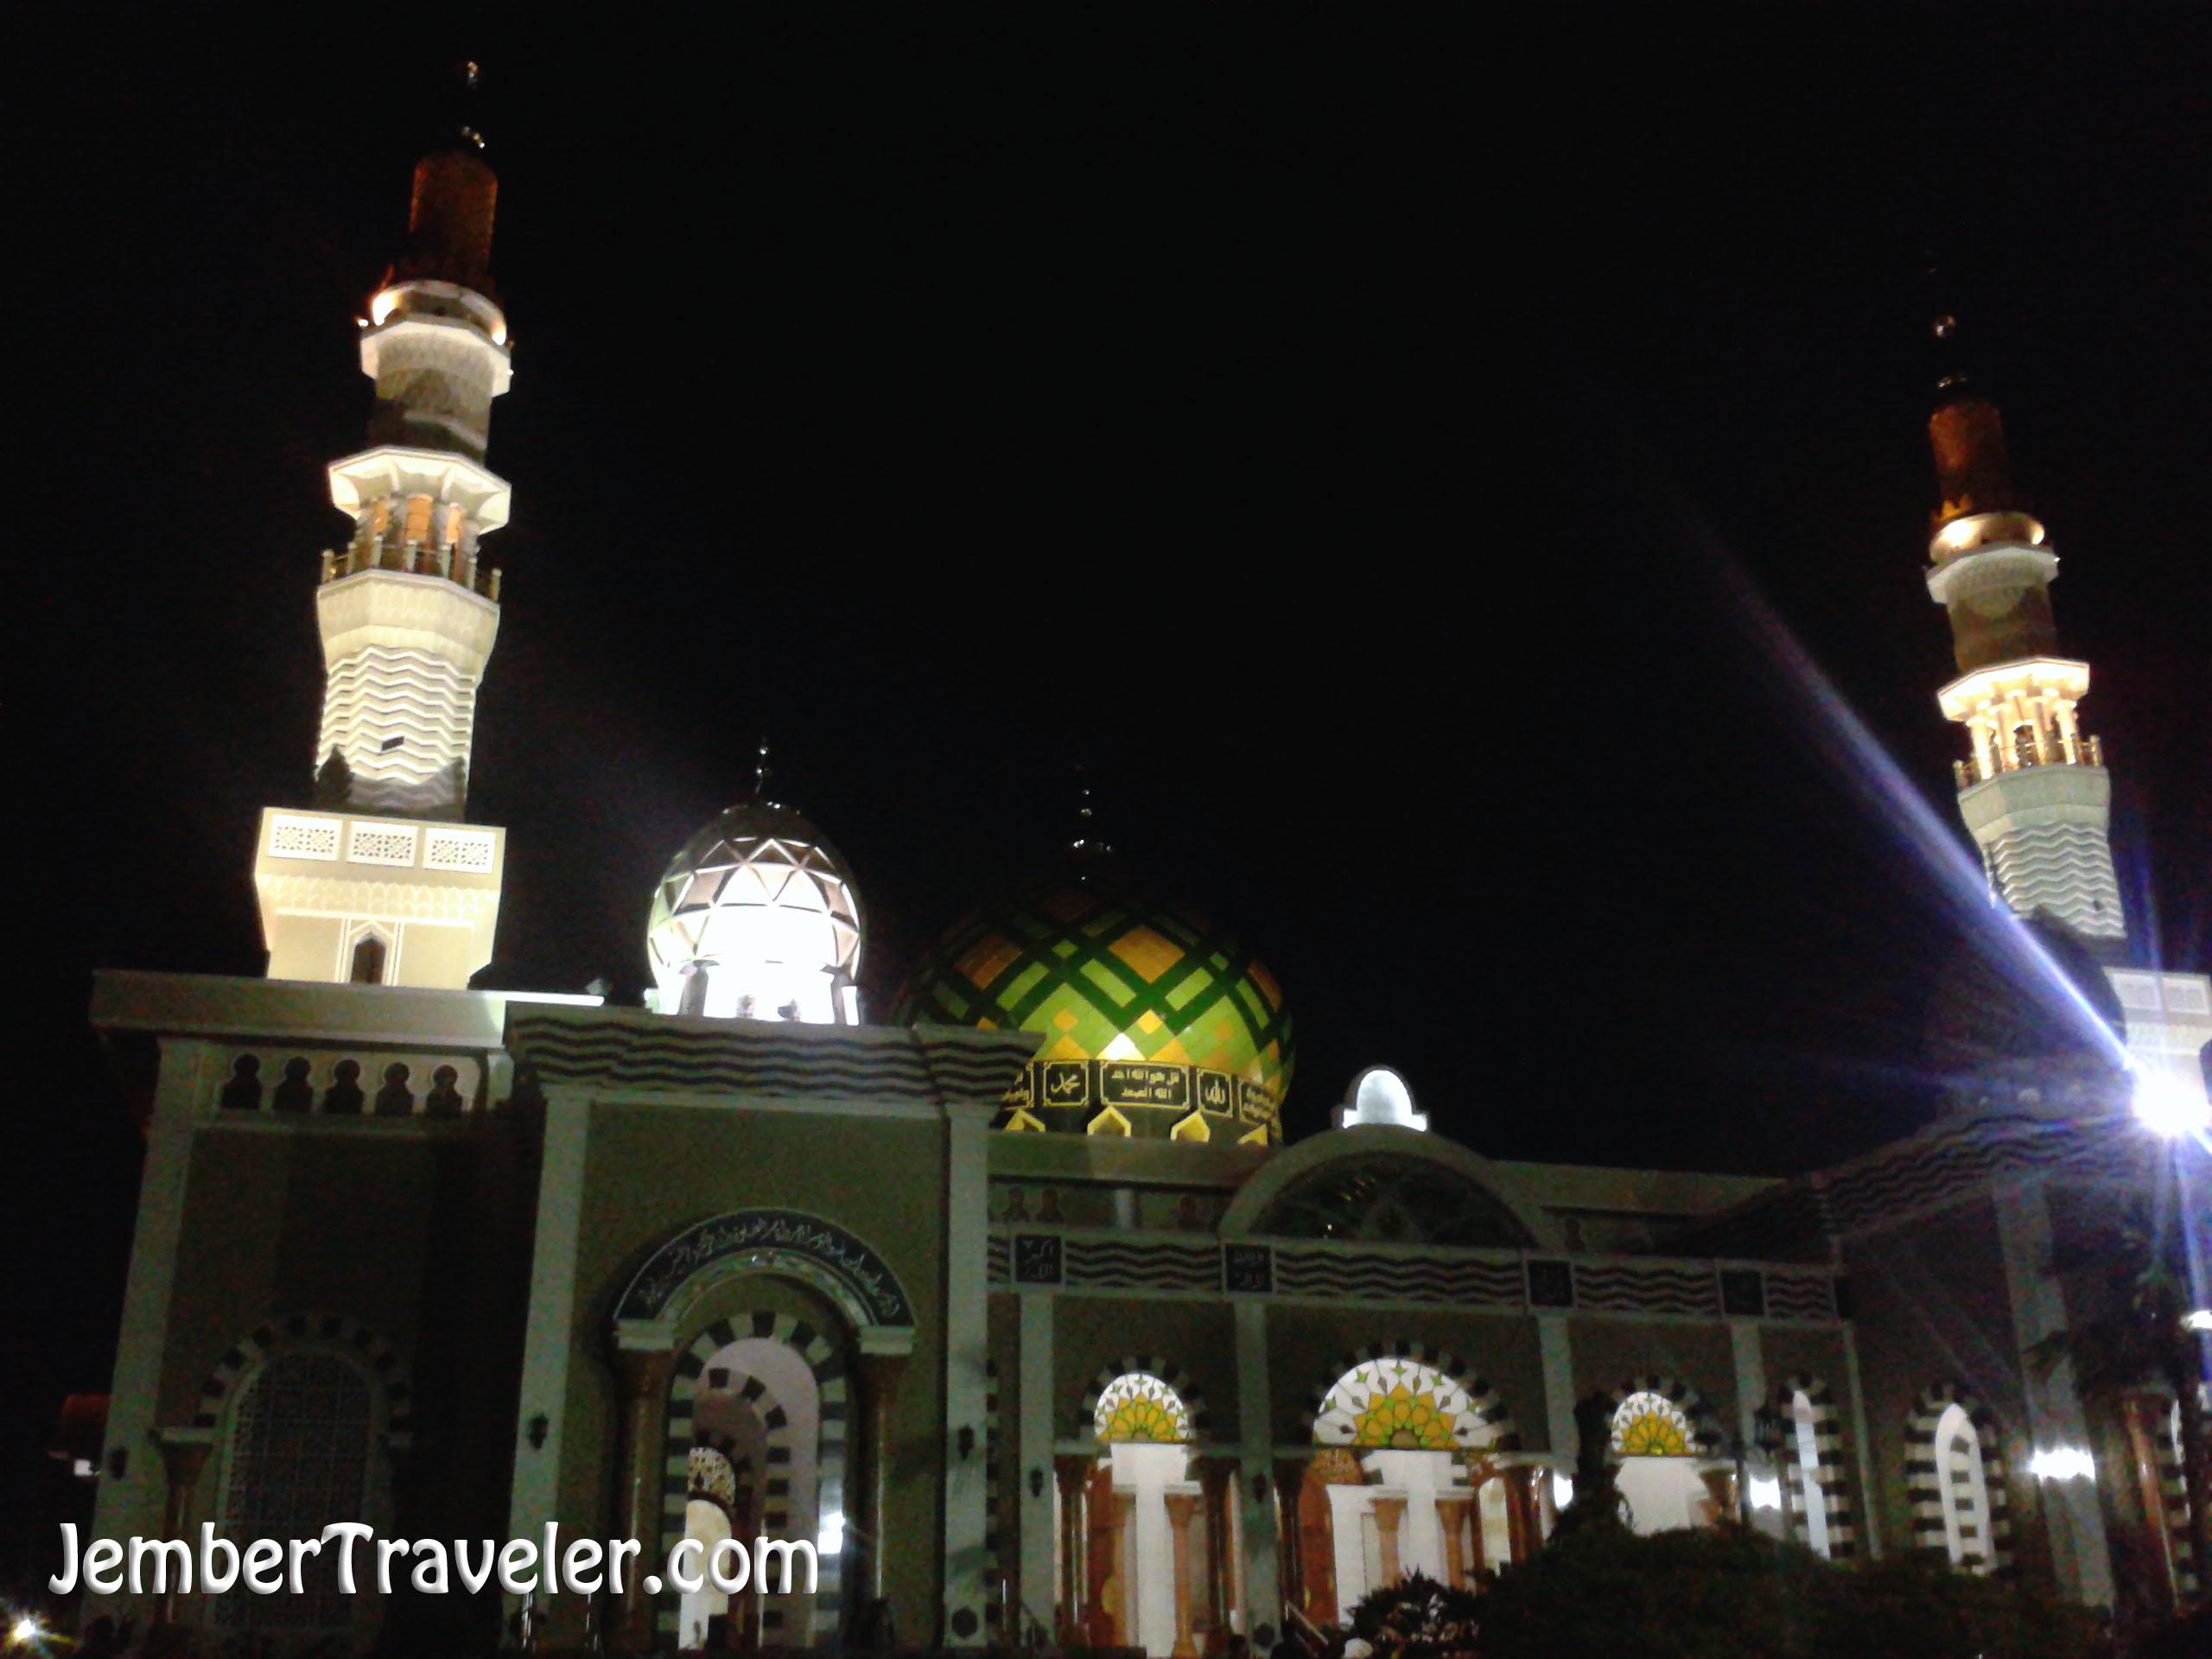 Hujan Pantai Klayar Jember Traveler Masjid Agung Pacitan Kab